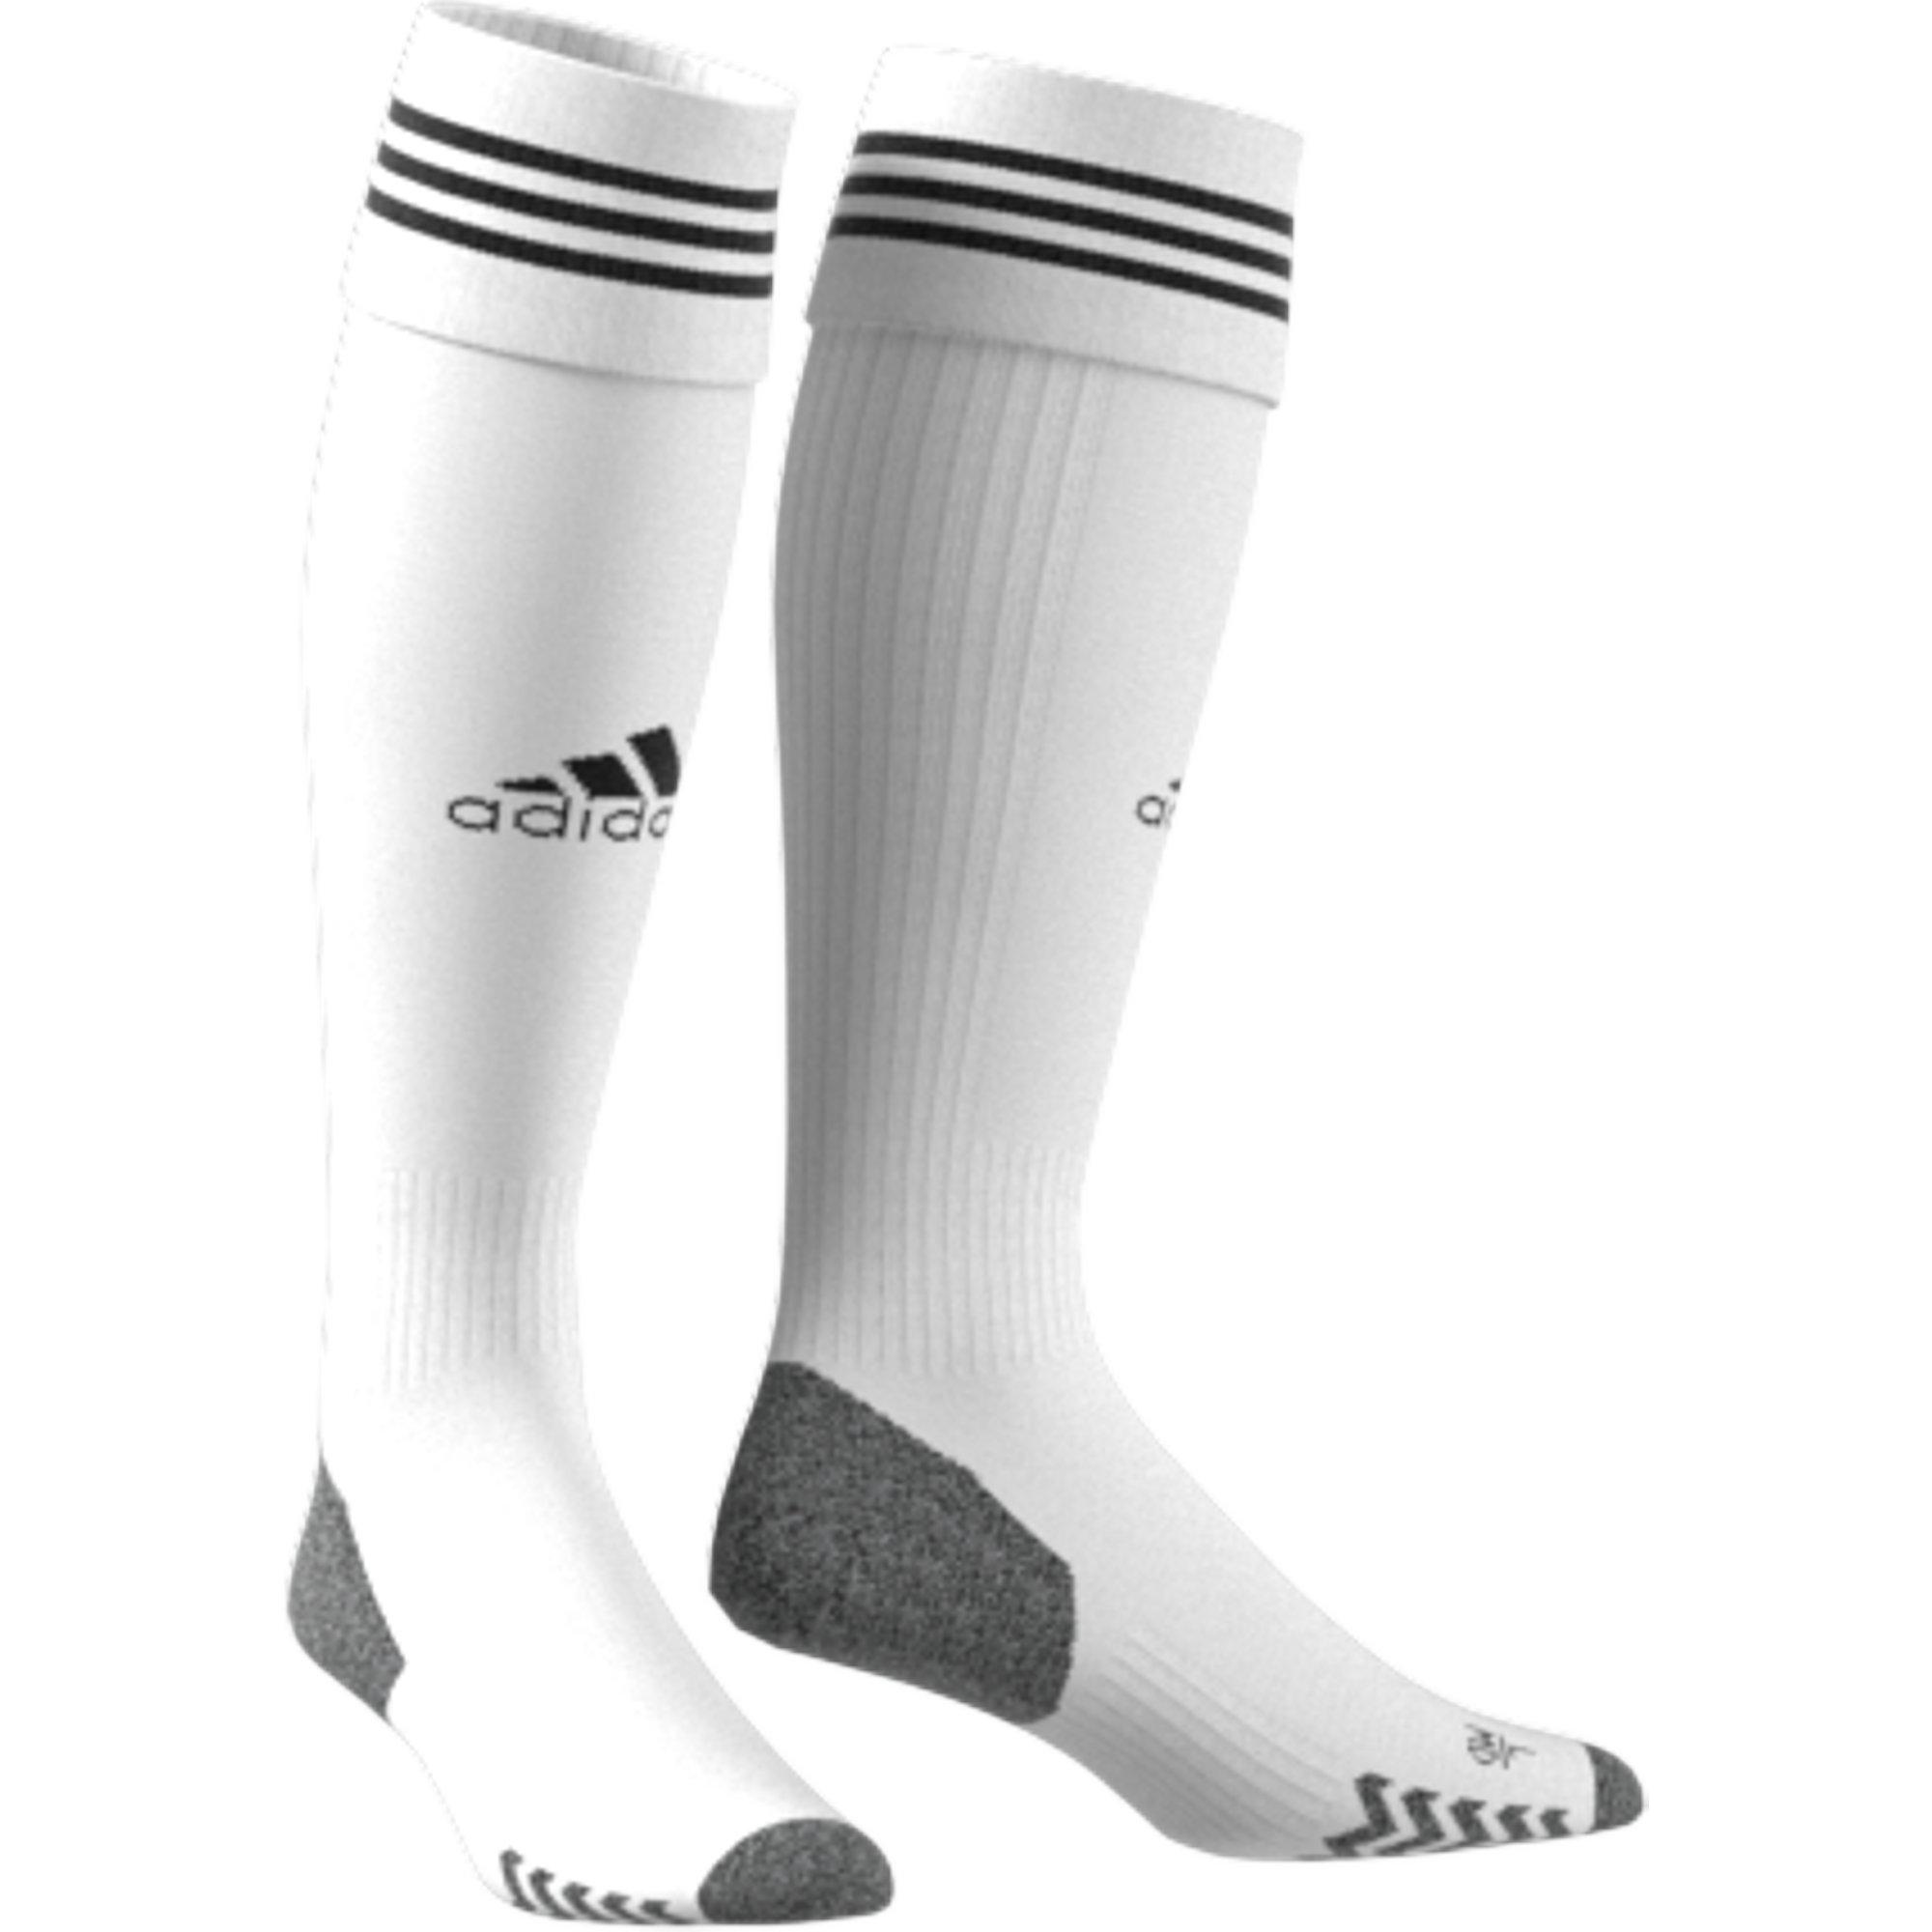 adidas Adi 21 Voetbalsokken Wit Zwart